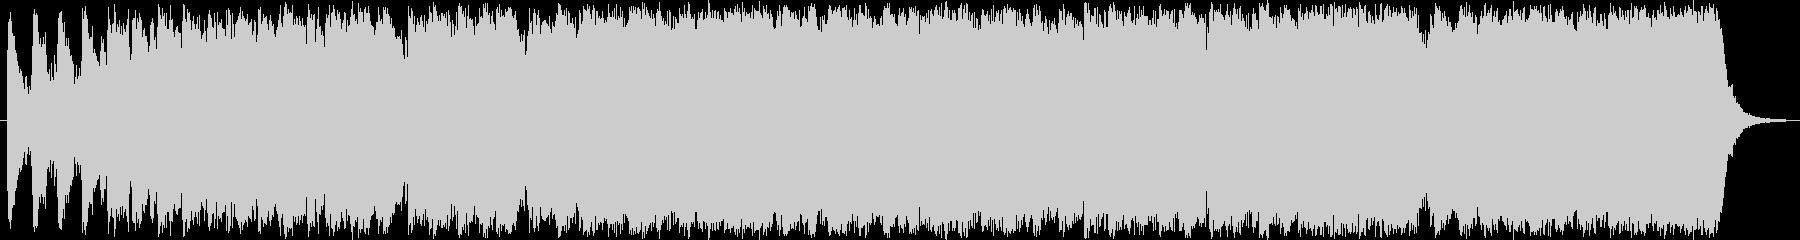 クライマックスをイメージした壮大な音楽の未再生の波形